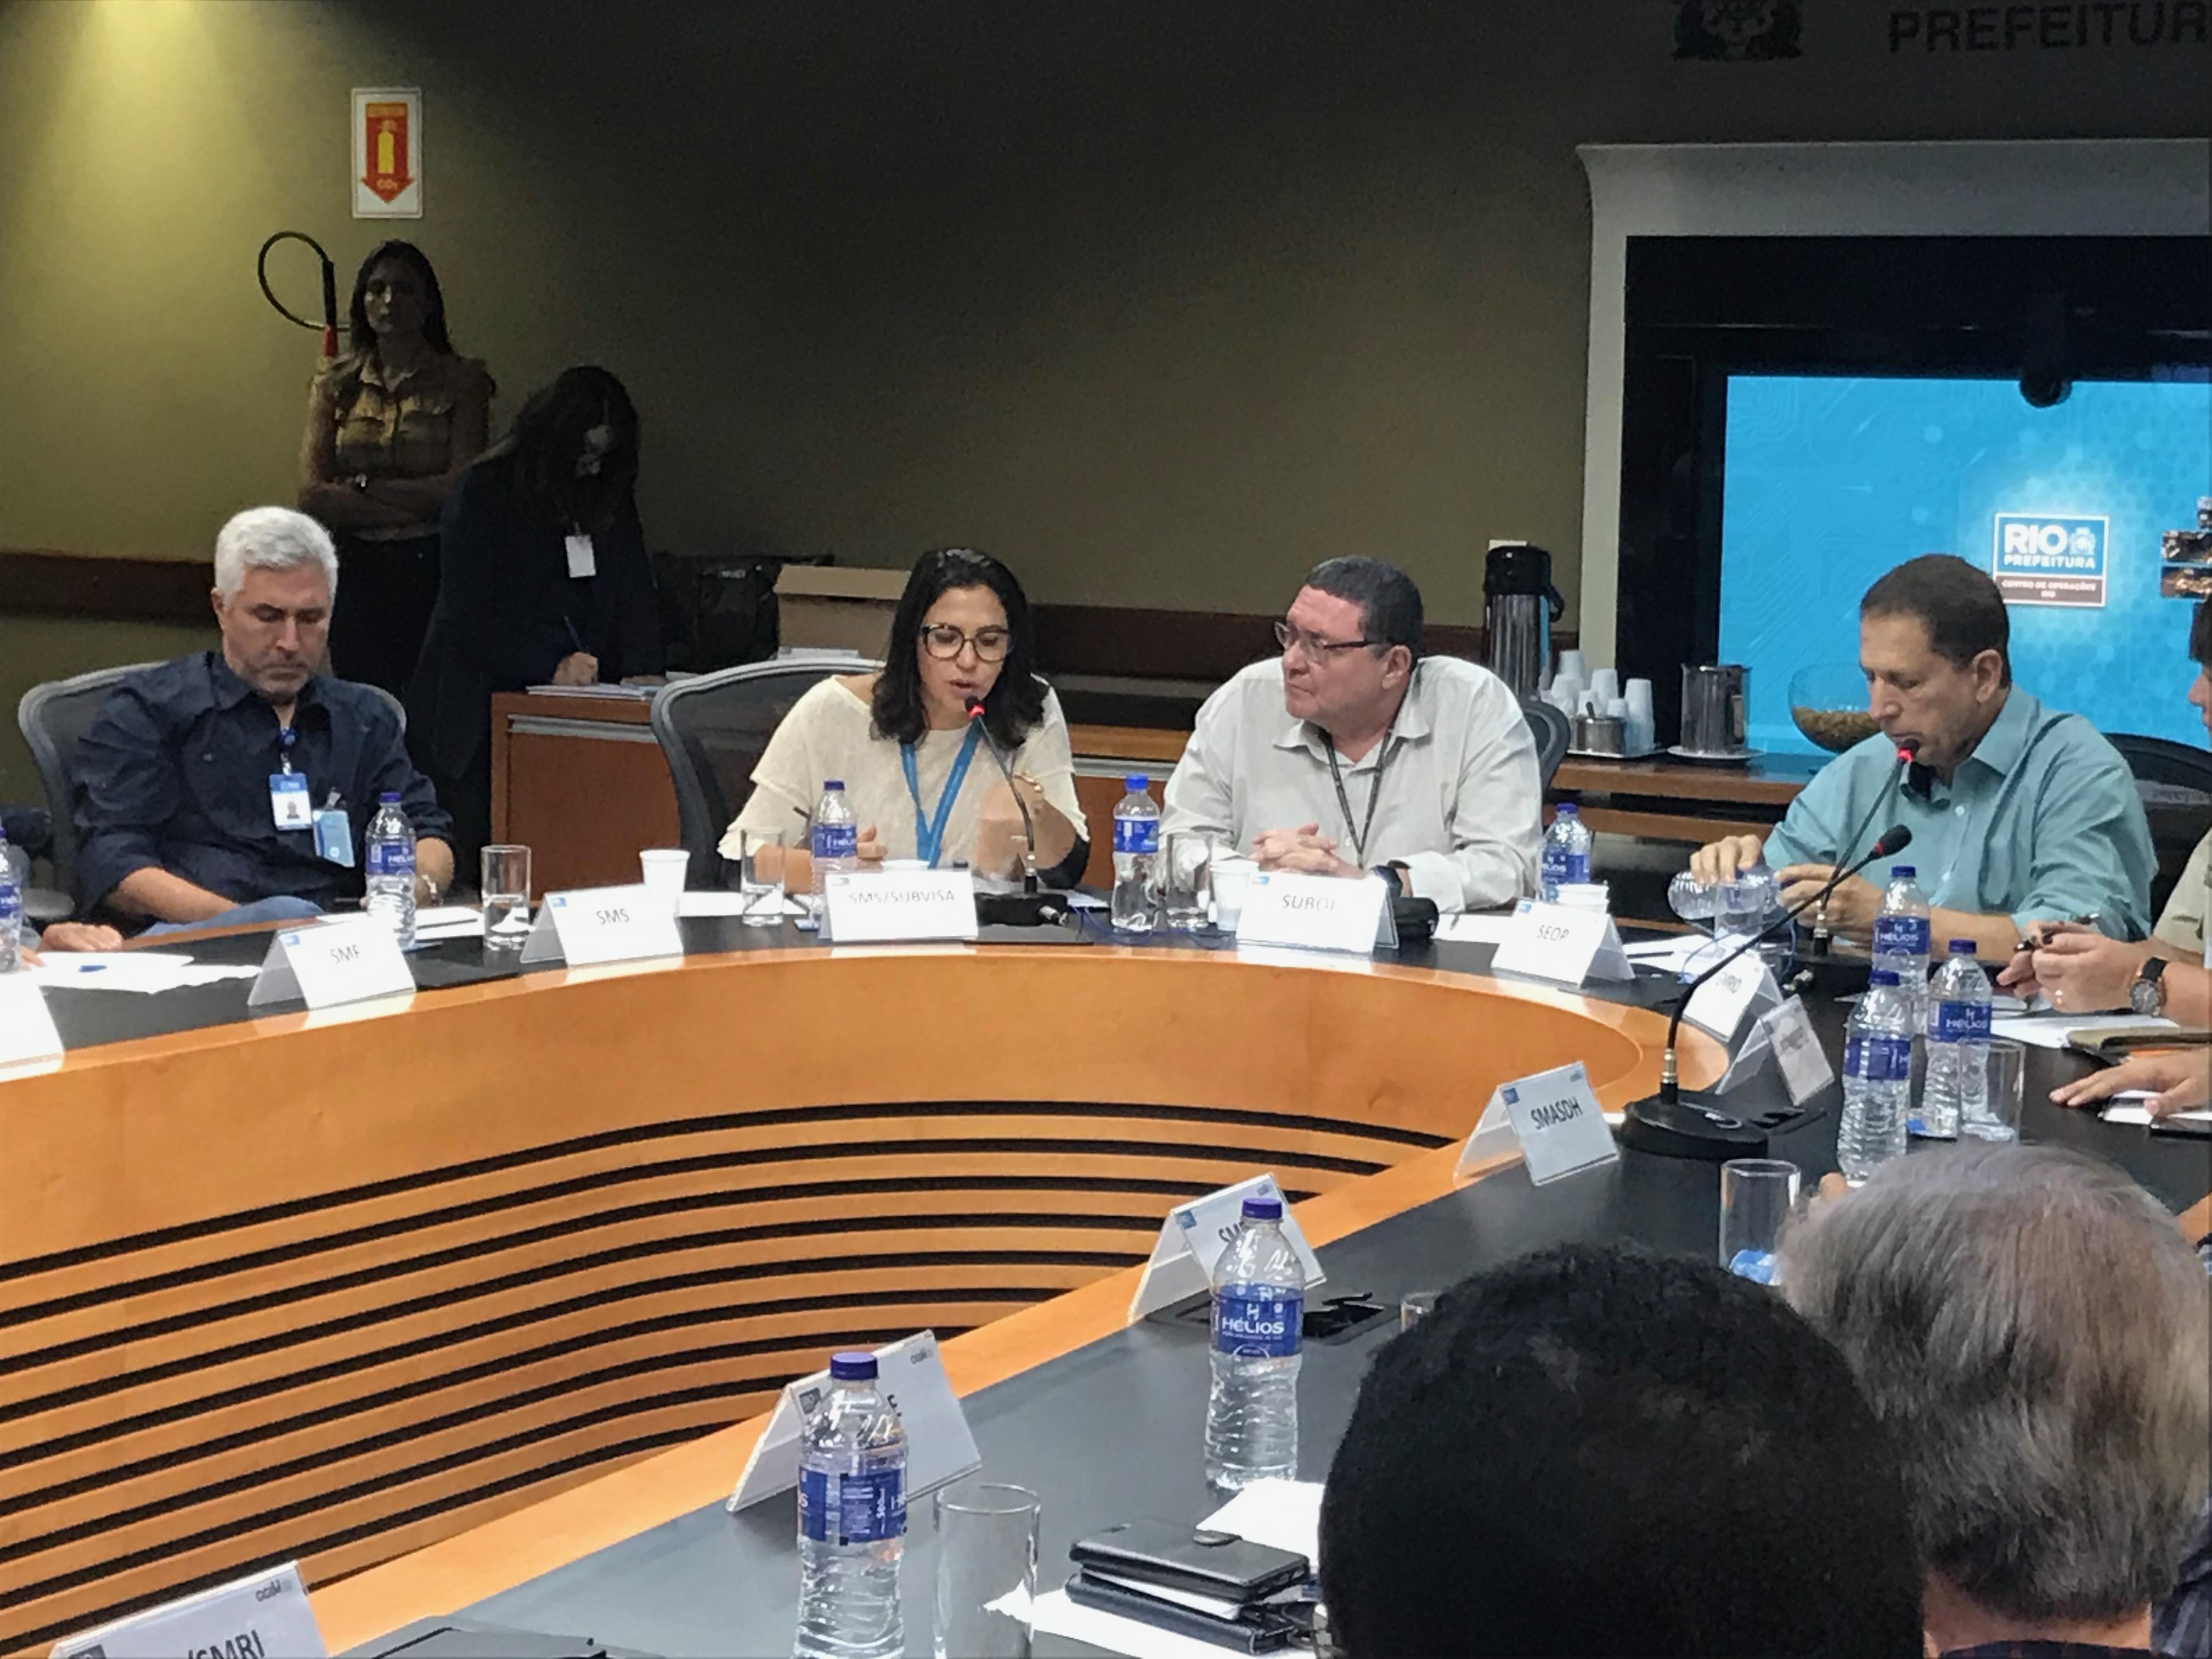 Saúde pública é tema de reunião de Câmara Técnica conduzida pela Subvisa